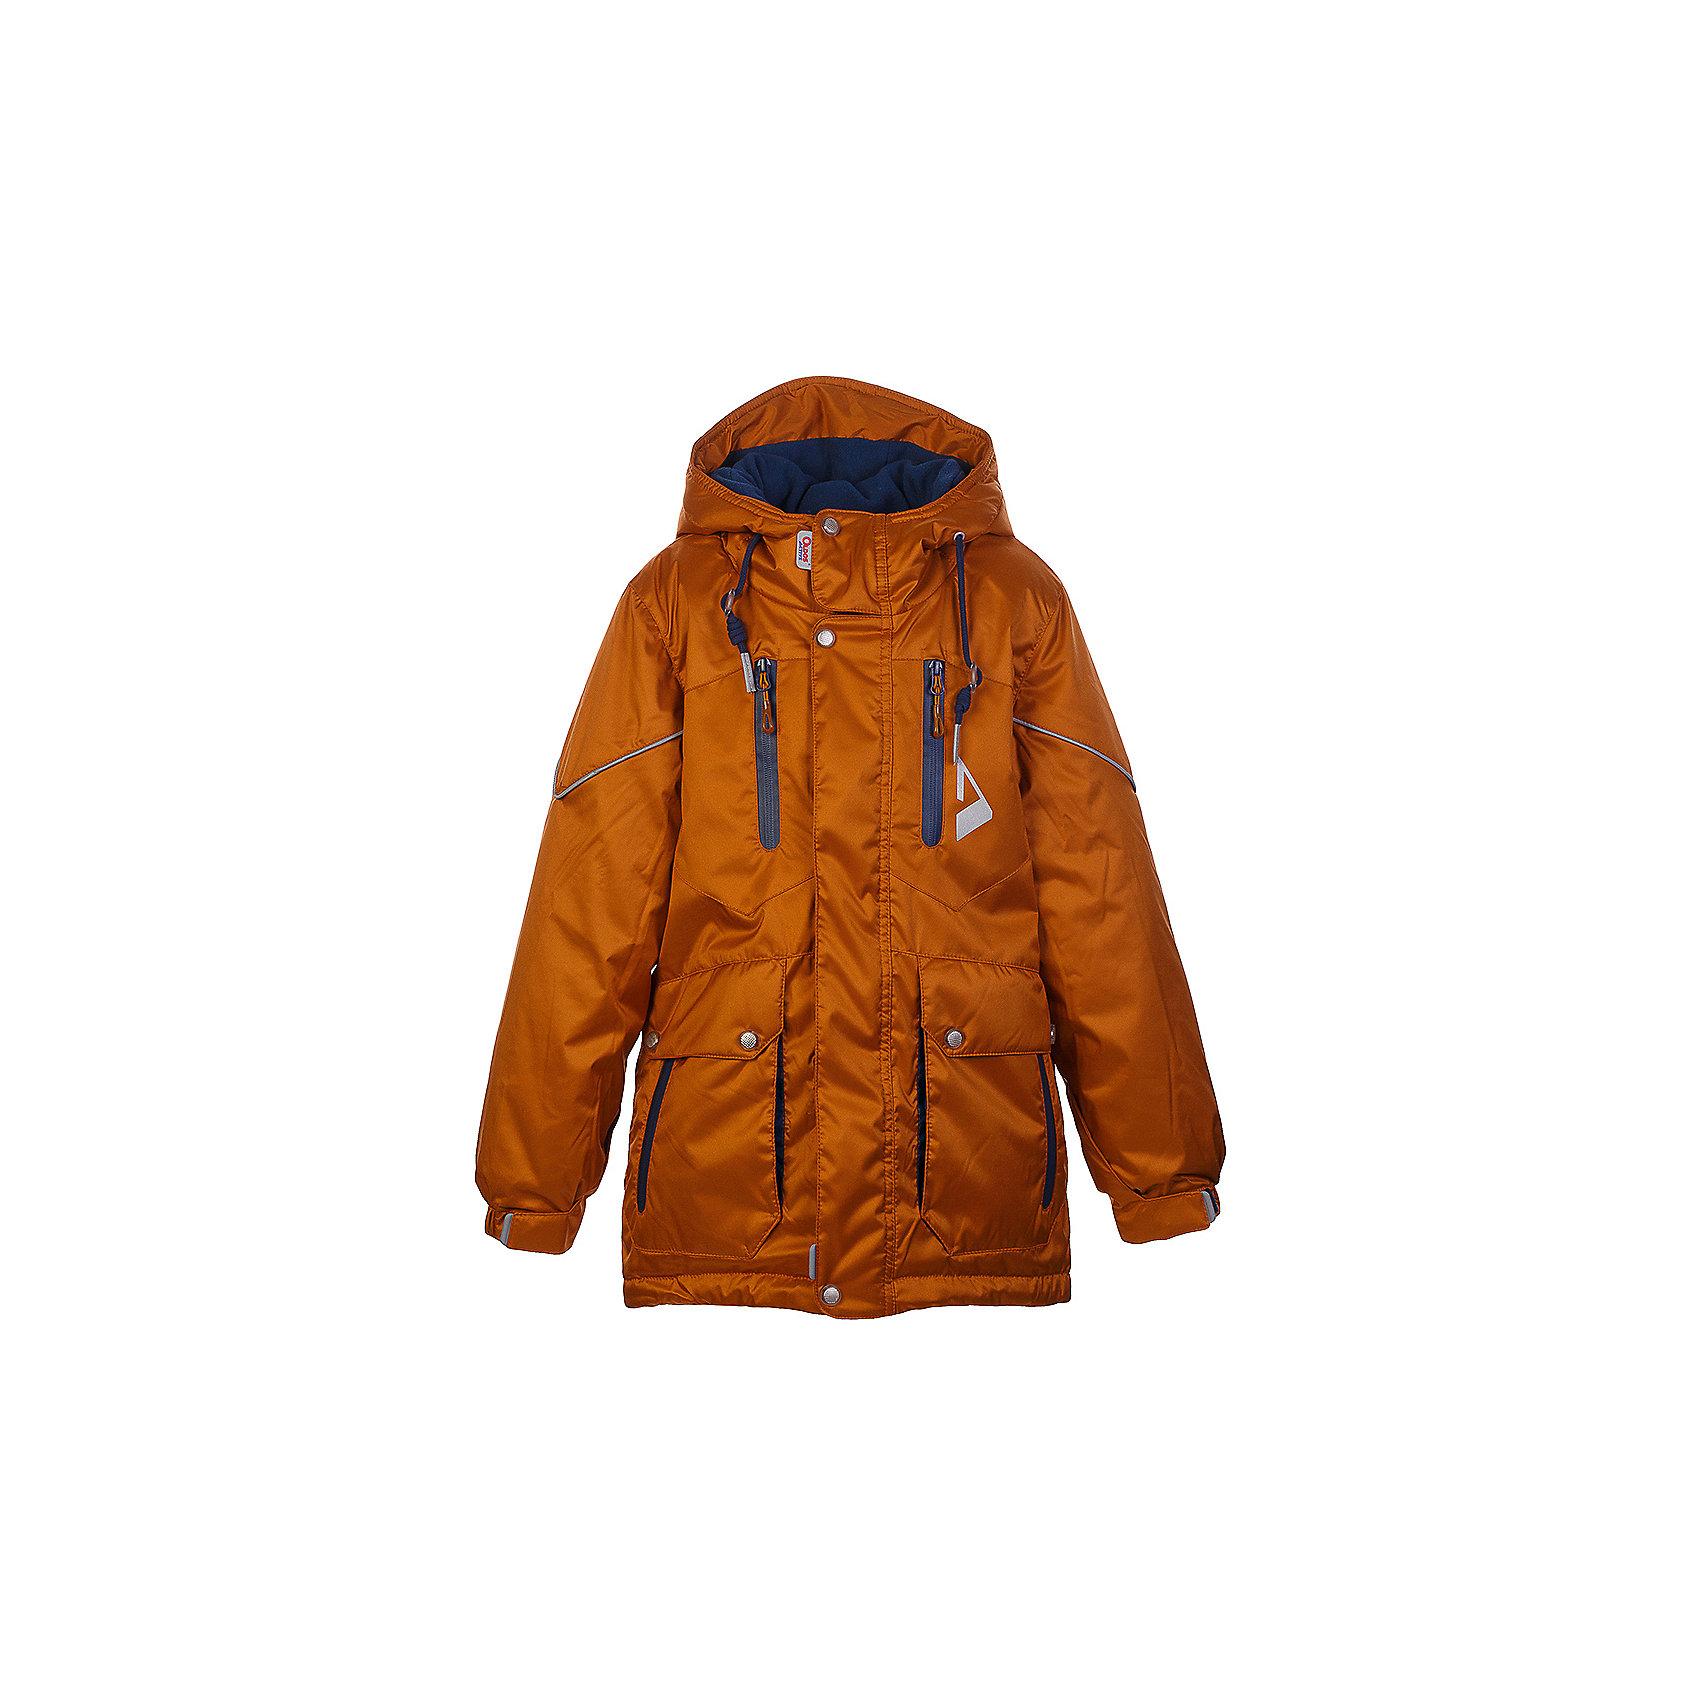 Куртка Франц OLDOS для мальчикаВерхняя одежда<br>Характеристики товара:<br><br>• цвет: оранжевый<br>• состав ткани: полиэстер, Teflon<br>• подкладка: флис<br>• утеплитель: Hollofan pro<br>• сезон: зима<br>• мембранное покрытие<br>• температурный режим: от -30 до +5<br>• водонепроницаемость: 5000 мм <br>• паропроницаемость: 5000 г/м2<br>• плотность утеплителя: 200 г/м2<br>• застежка: молния<br>• капюшон: без меха<br>• страна бренда: Россия<br>• страна изготовитель: Россия<br><br>Мембранная детская куртка от бренда Oldos теплая и легкая благодаря инновационным материалам. Стильная парка для мальчика дополнена элементами, помогающими отрегулировать её размер под рост ребенка. Детская зимняя куртка создана с применением мембранной технологии, она рассчитана даже на сильные морозы. <br><br>Куртку Франц Oldos (Олдос) для мальчика можно купить в нашем интернет-магазине.<br><br>Ширина мм: 356<br>Глубина мм: 10<br>Высота мм: 245<br>Вес г: 519<br>Цвет: оранжевый<br>Возраст от месяцев: 60<br>Возраст до месяцев: 72<br>Пол: Мужской<br>Возраст: Детский<br>Размер: 116,146,122,128,134,140,146,152,158<br>SKU: 7015762